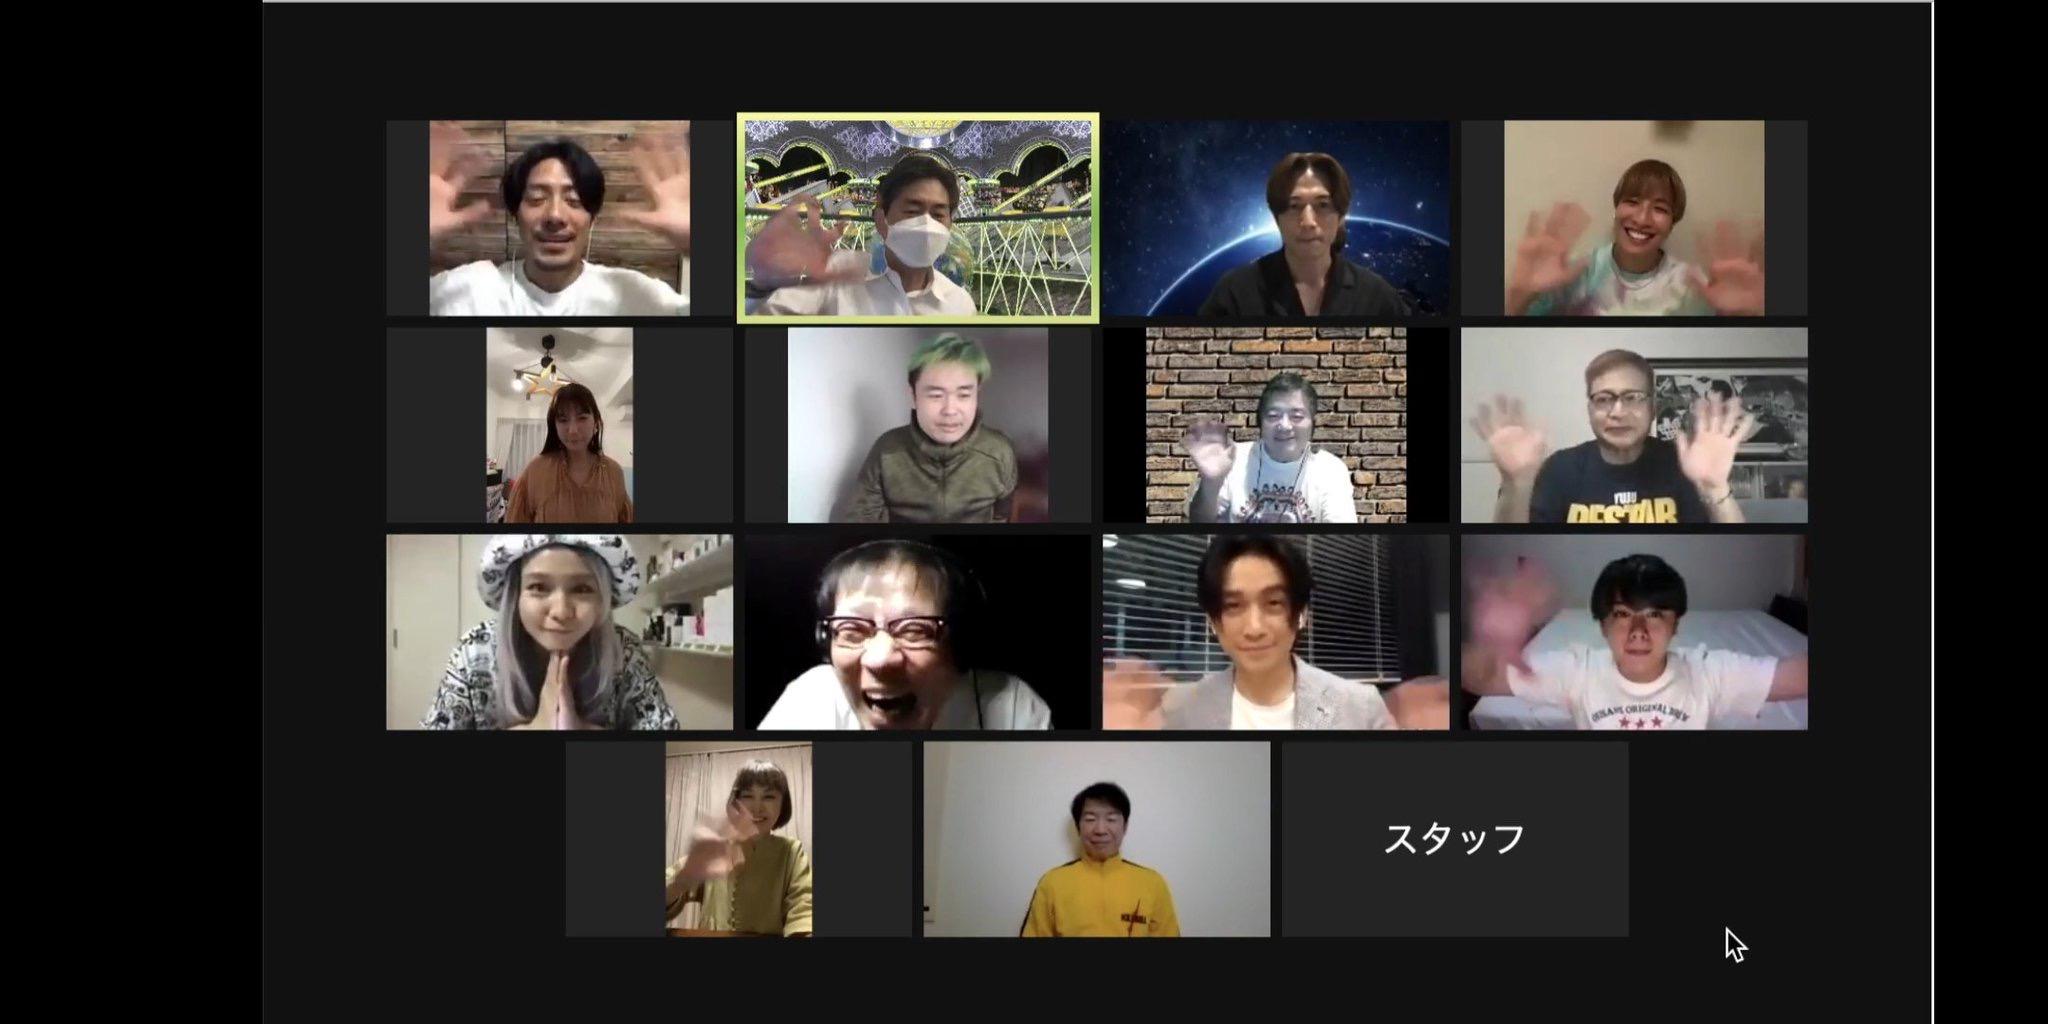 【画像】ヘキサゴン終了から10年の昨日、ヘキサゴン同窓会が開催され豪華メンバーが集結